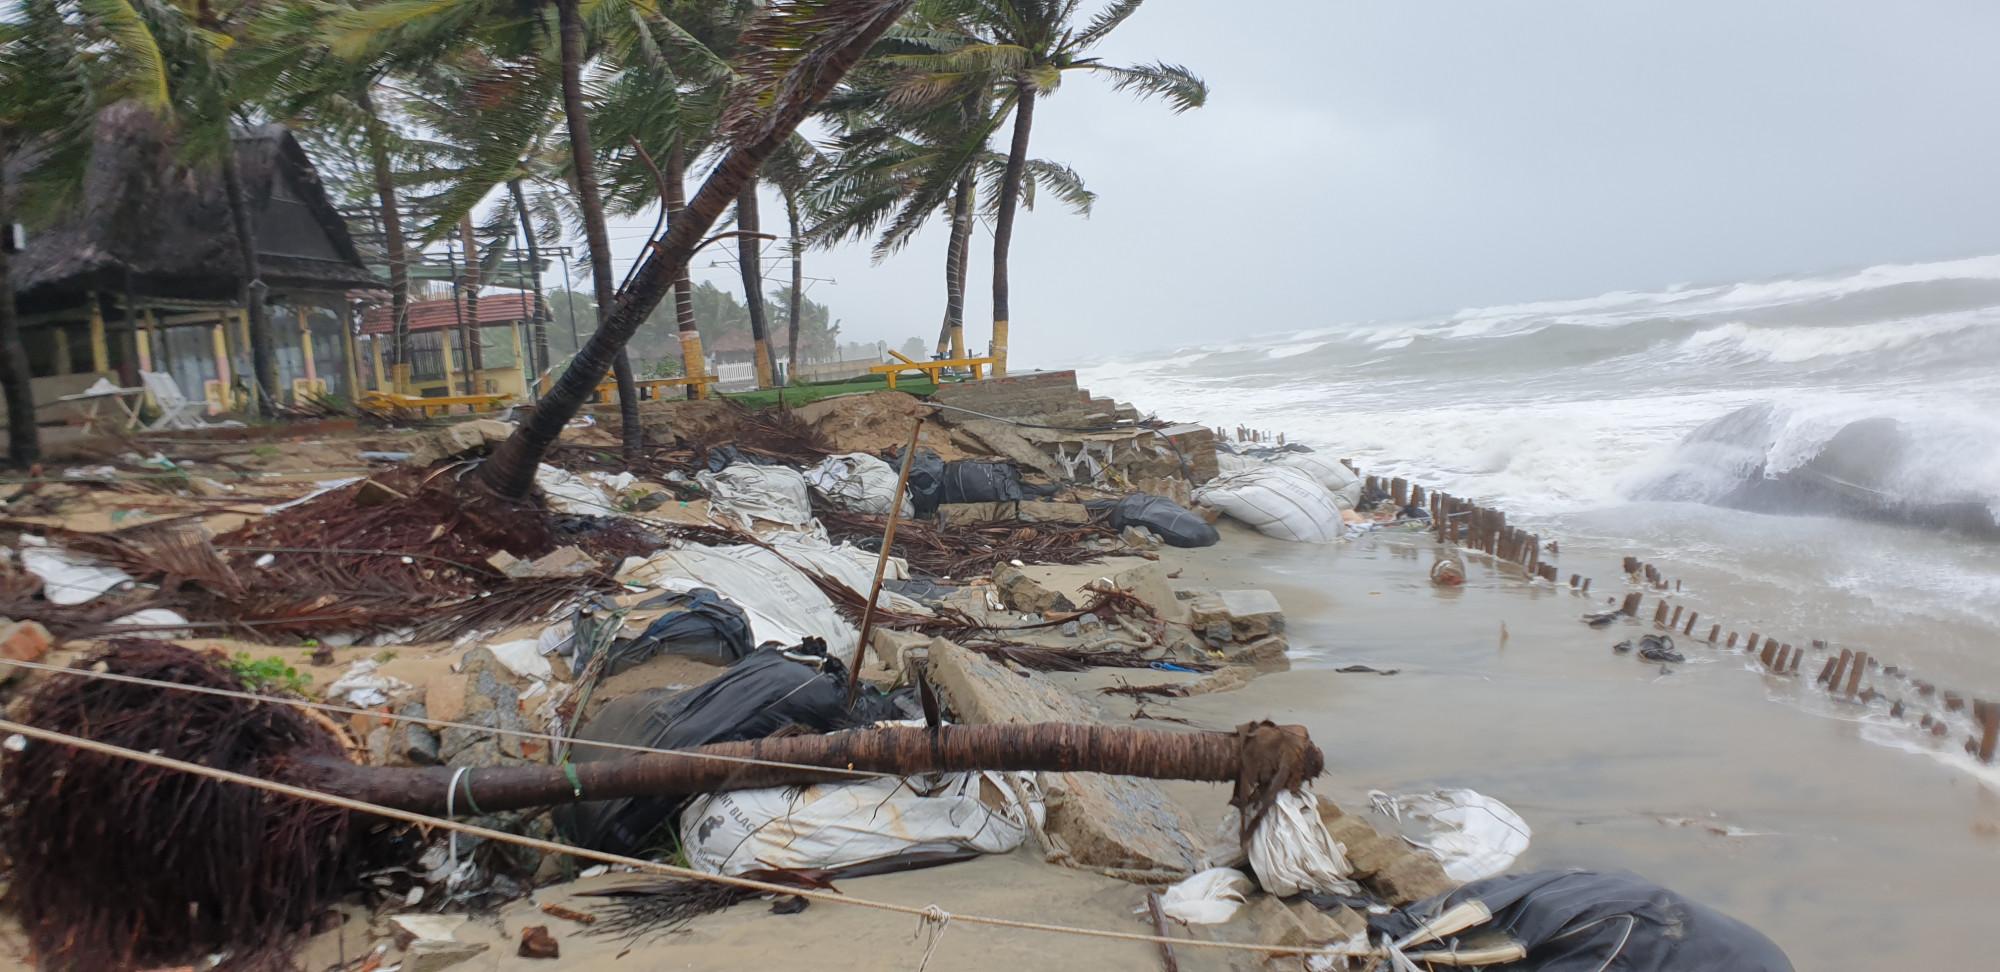 Những con sóng cao gần 2m liên tục vỗ vào bờ khiến đoạn kè bị vỡ vụn